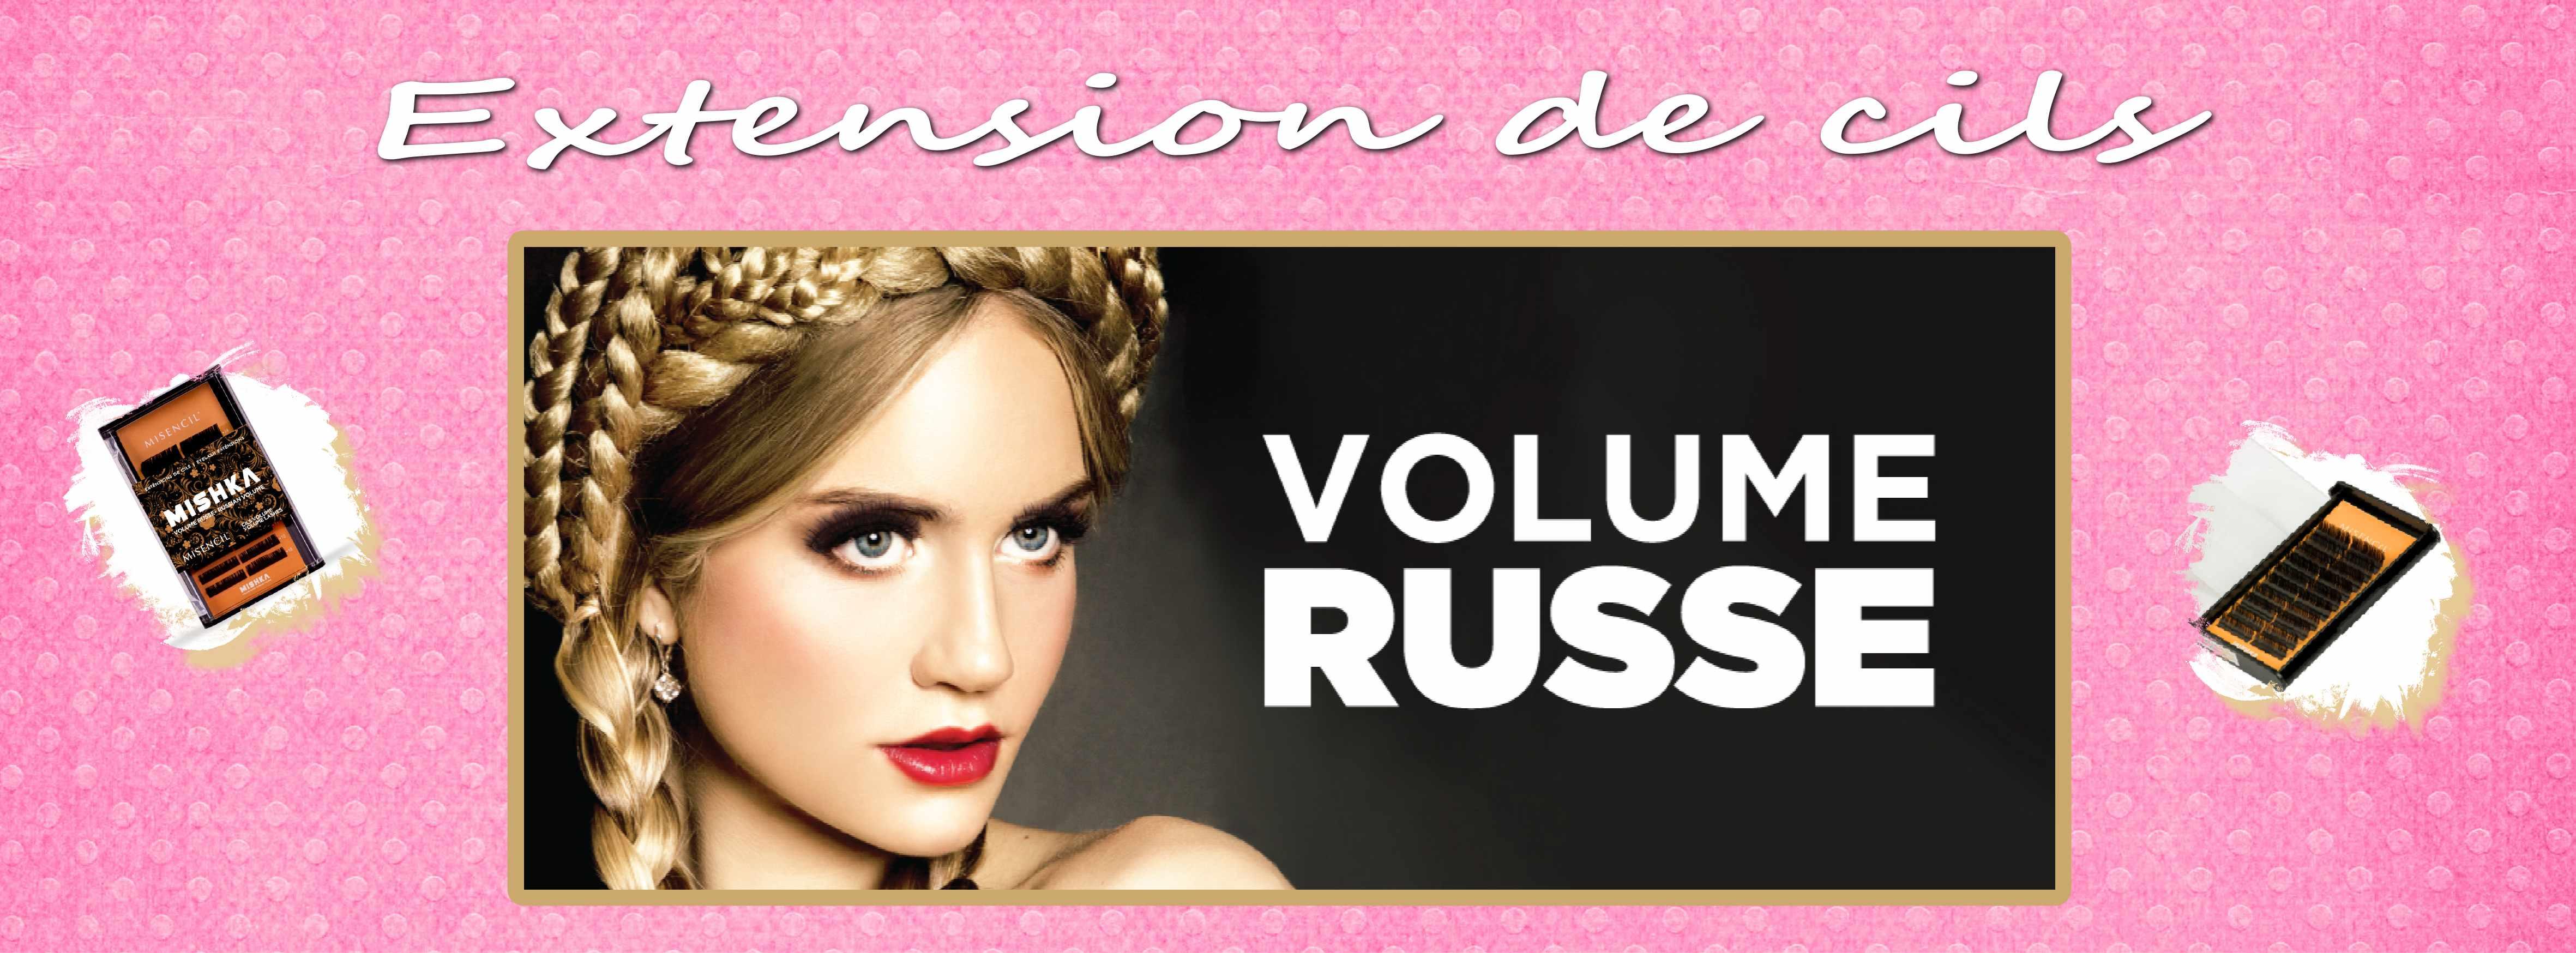 Volume Russe Volume Tara Institut Russe Beaute Institut qzVjLMUSpG